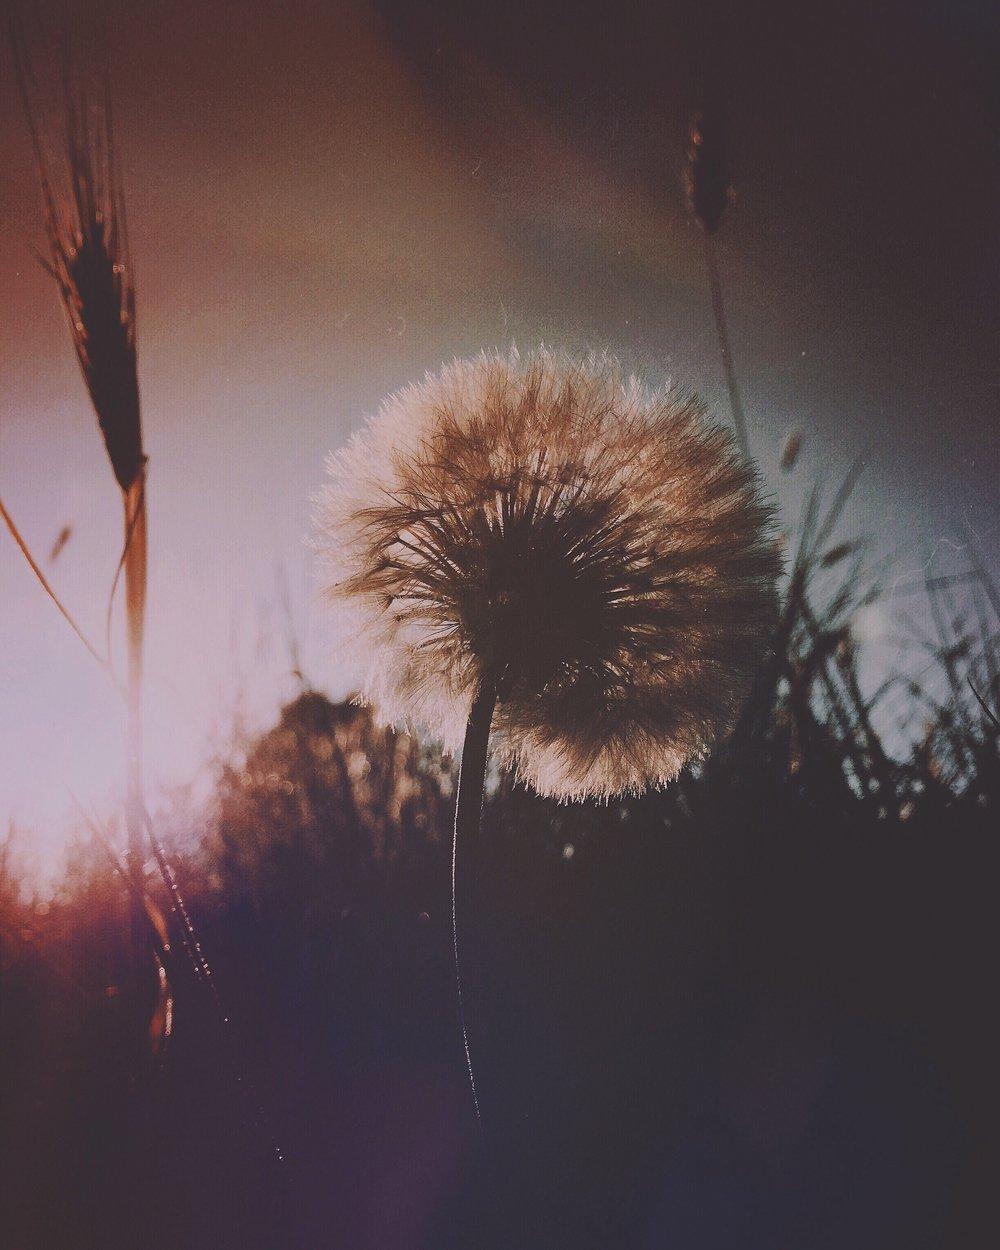 field-IMG_9629.JPG